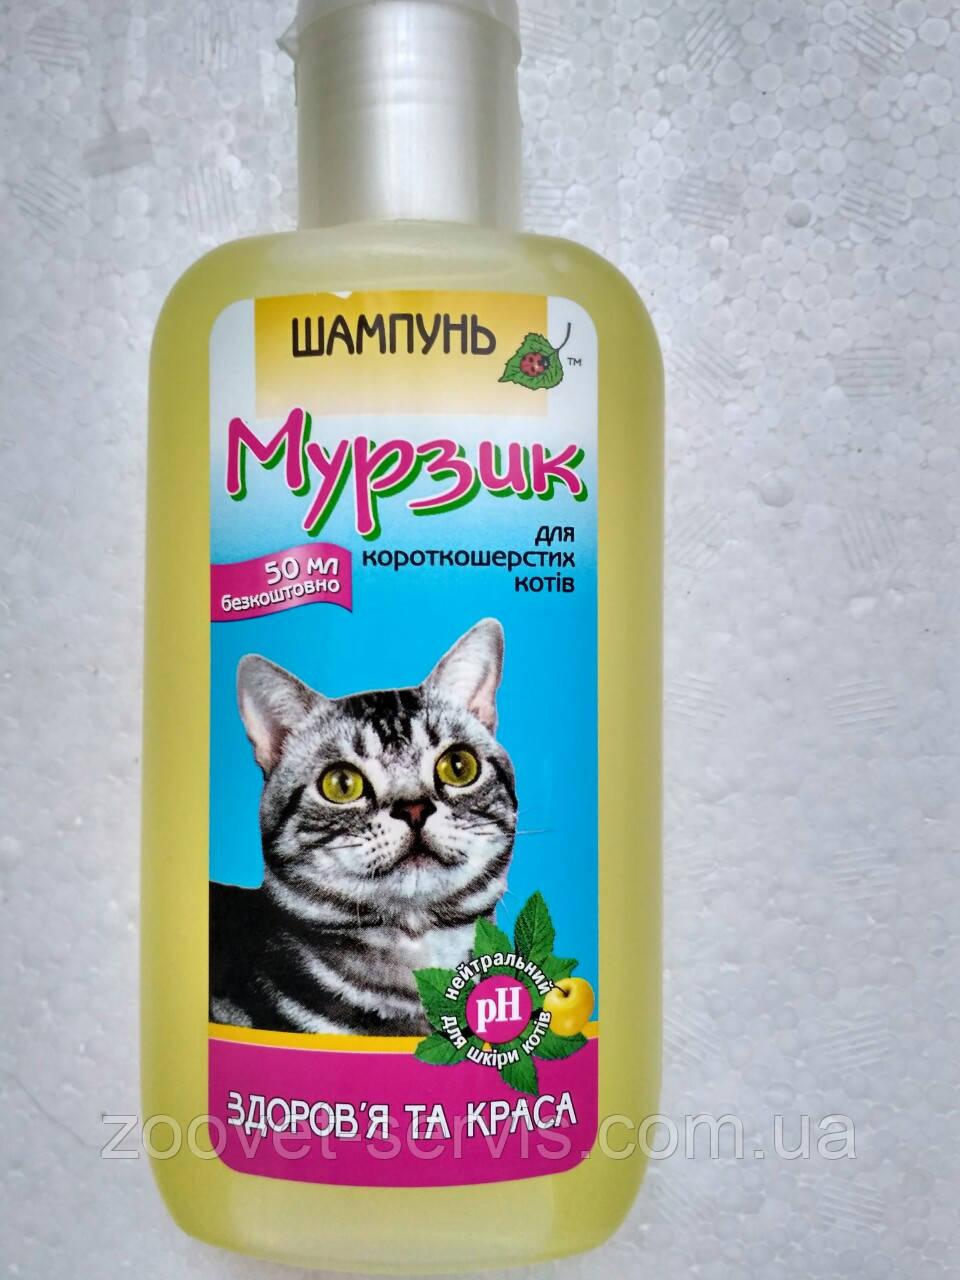 Шампунь для короткошерстных кошек Мурзик